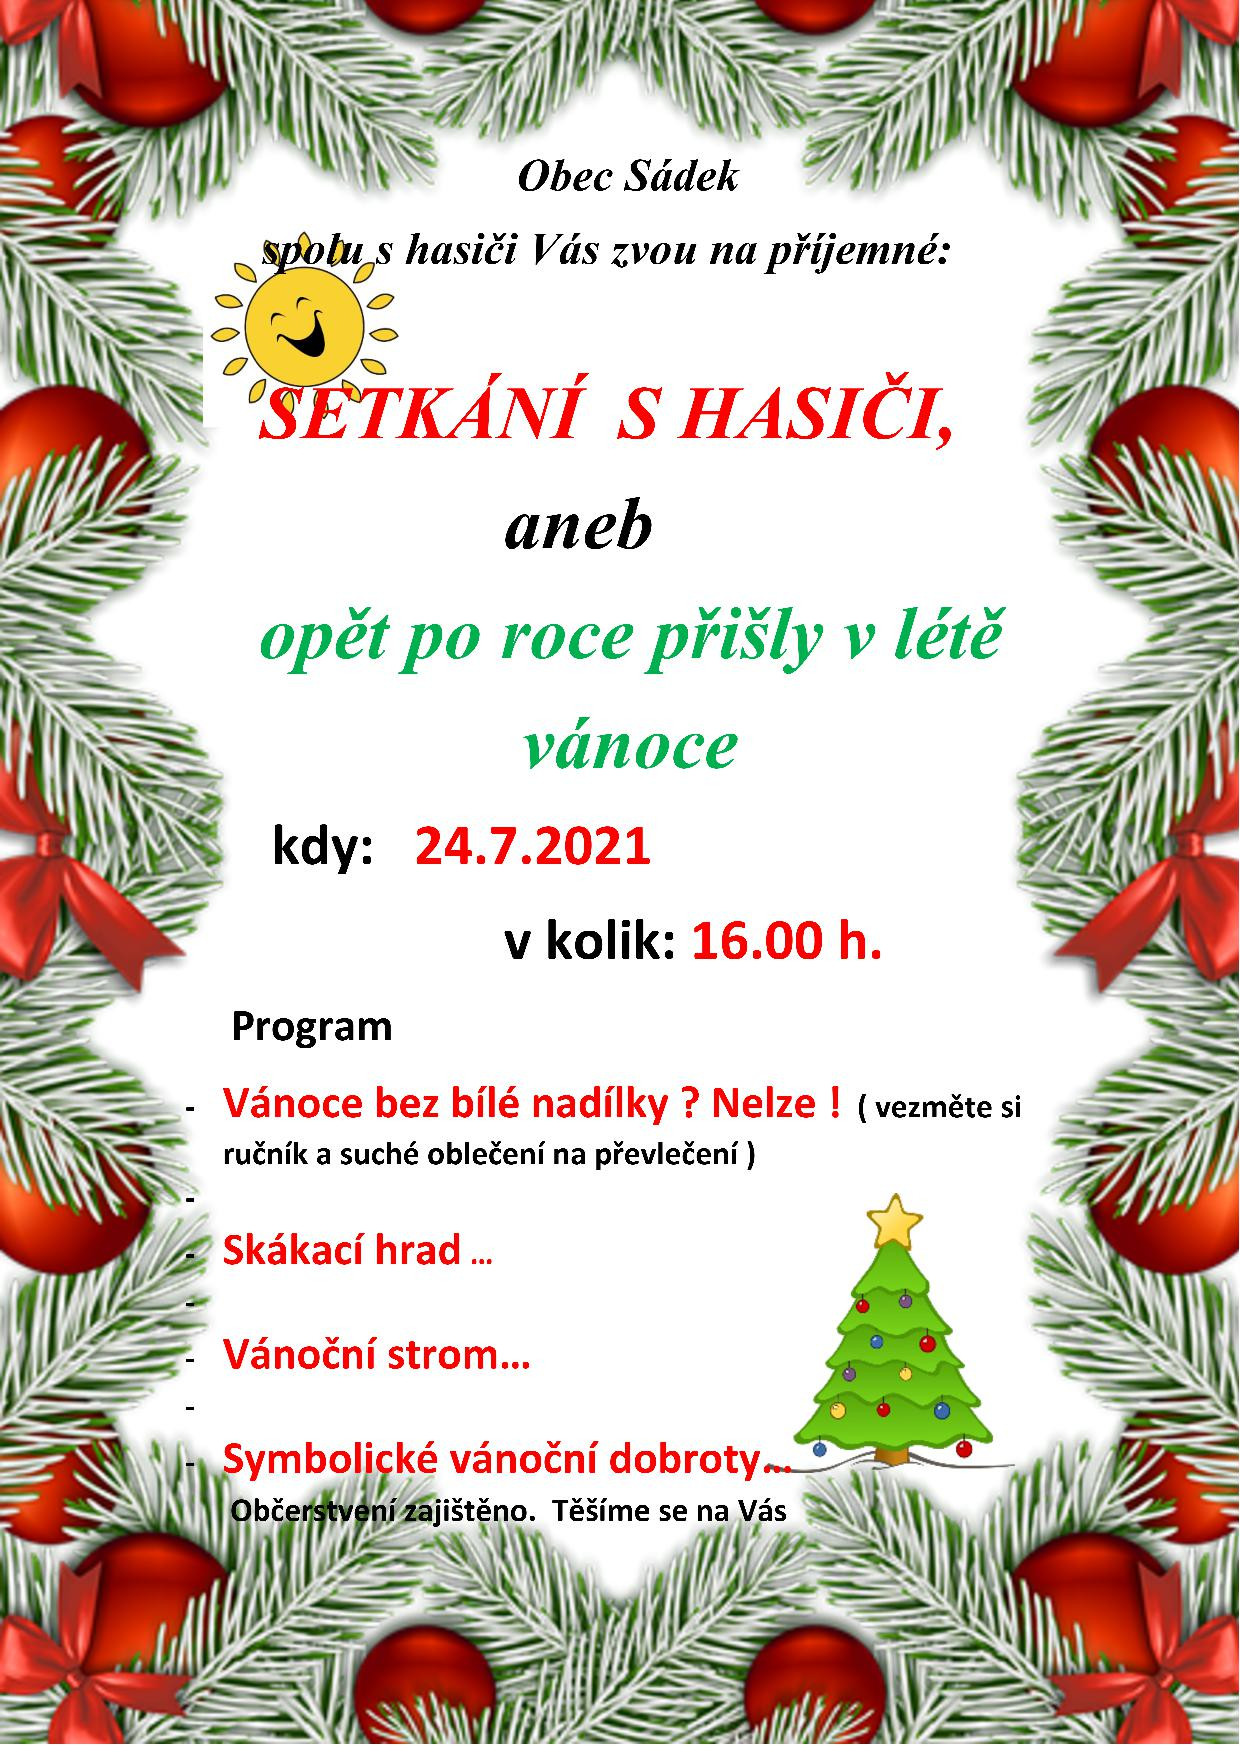 Obec Sádek spolu shasiči Vás zvou na příjemné SETKÁNÍ  SHASIČI, aneb opět po roce přišly vlétě vánoce kdy:24.7.2021 vkolik: 16.00 h.